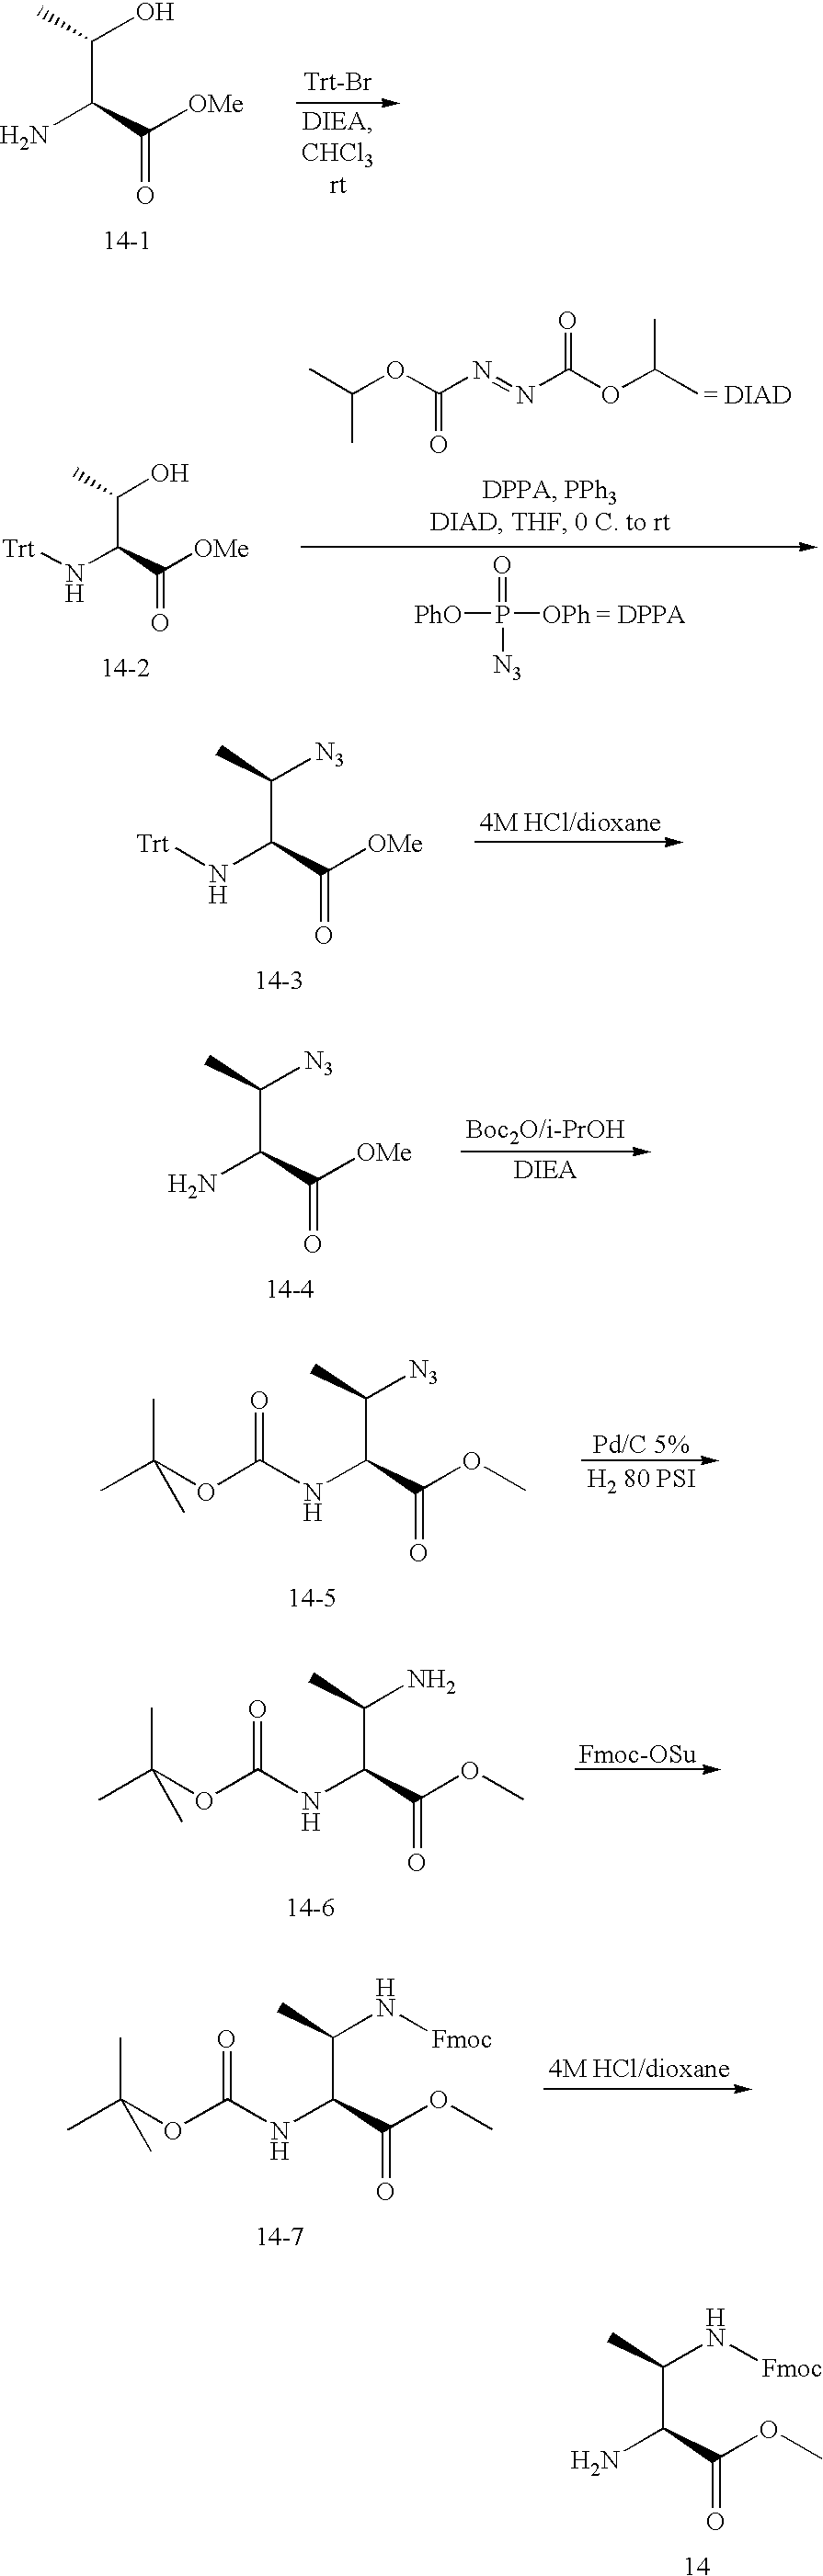 fb5a0d9b5f7e US20100190766A1 - Antibacterial agents - Google Patents